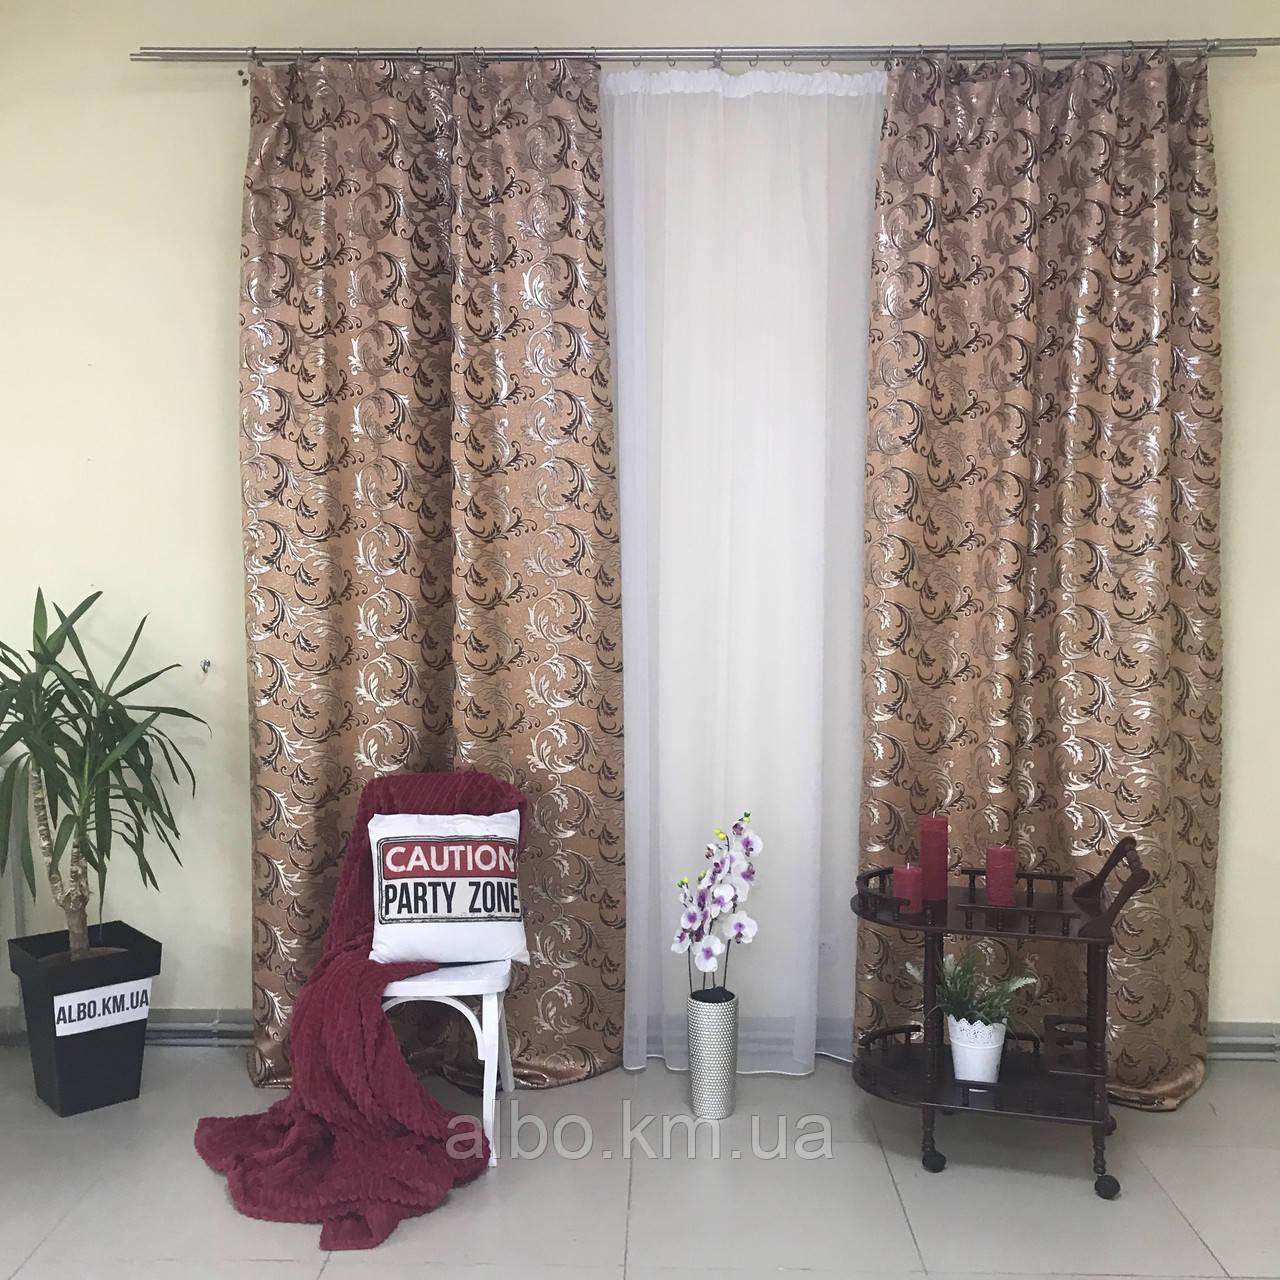 Жакардові штори в кімнату квартиру зал дитячу, штори з люрексом для кухні залу спальні, красиві штори для кухні вітальні кімнати